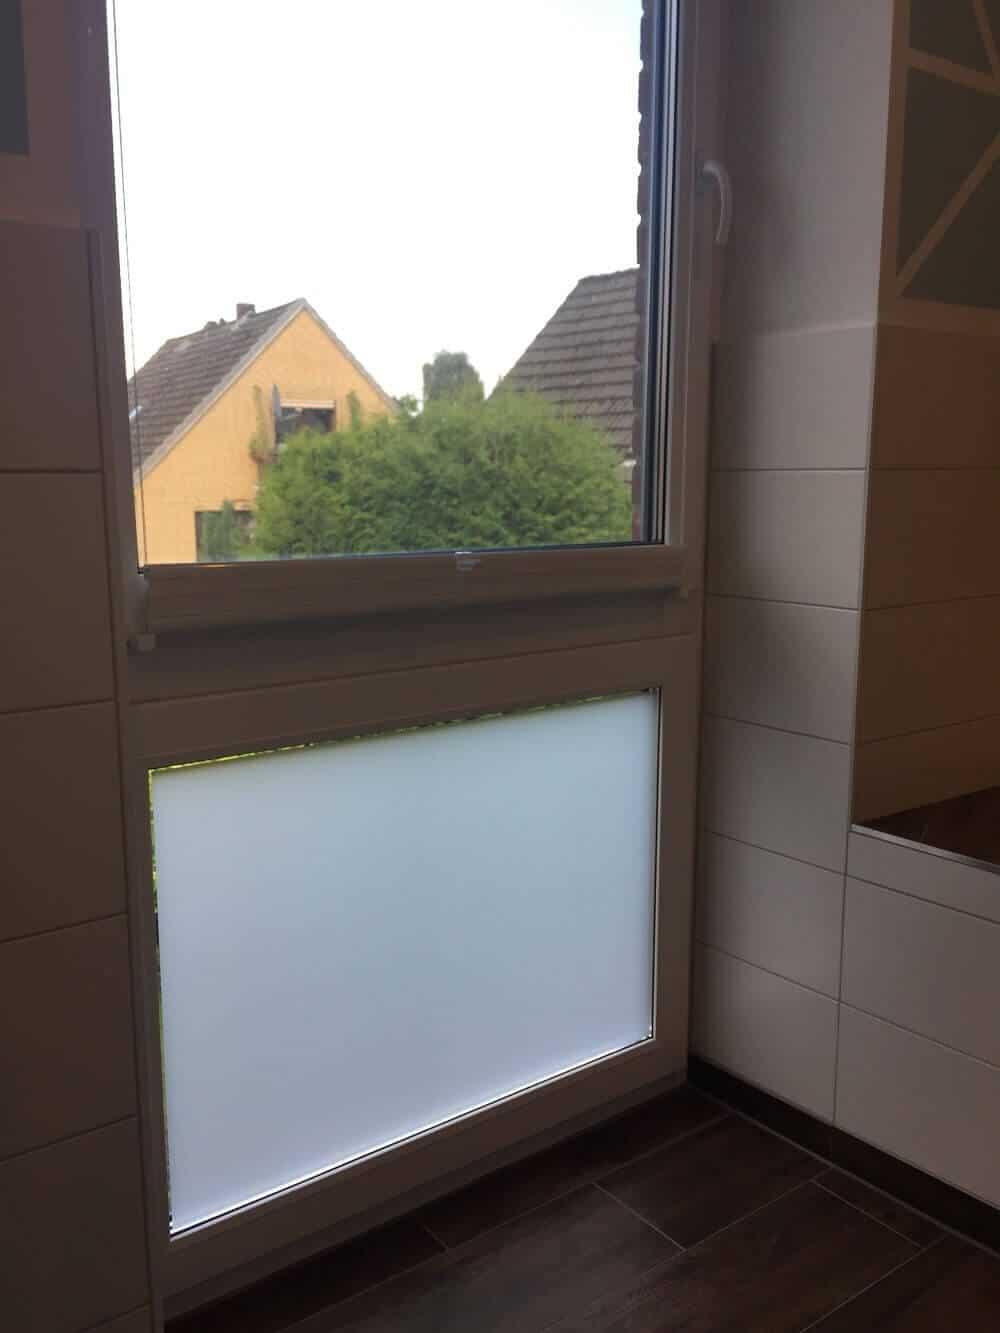 milchglasfenster im badezimmer